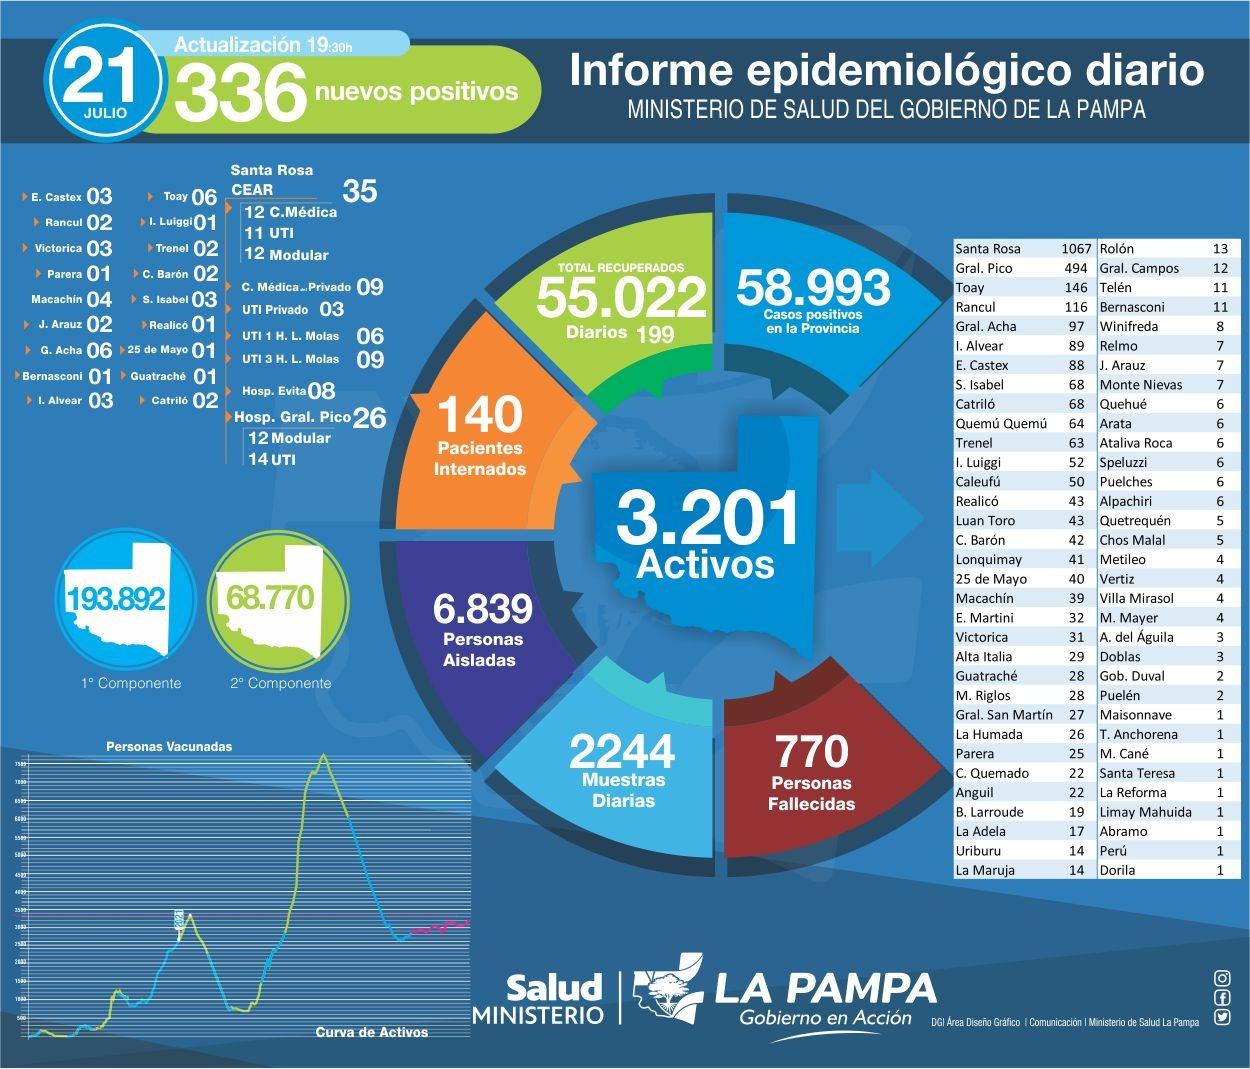 COVID-19: 336 nuevos casos en La Pampa, 81 en General Pico